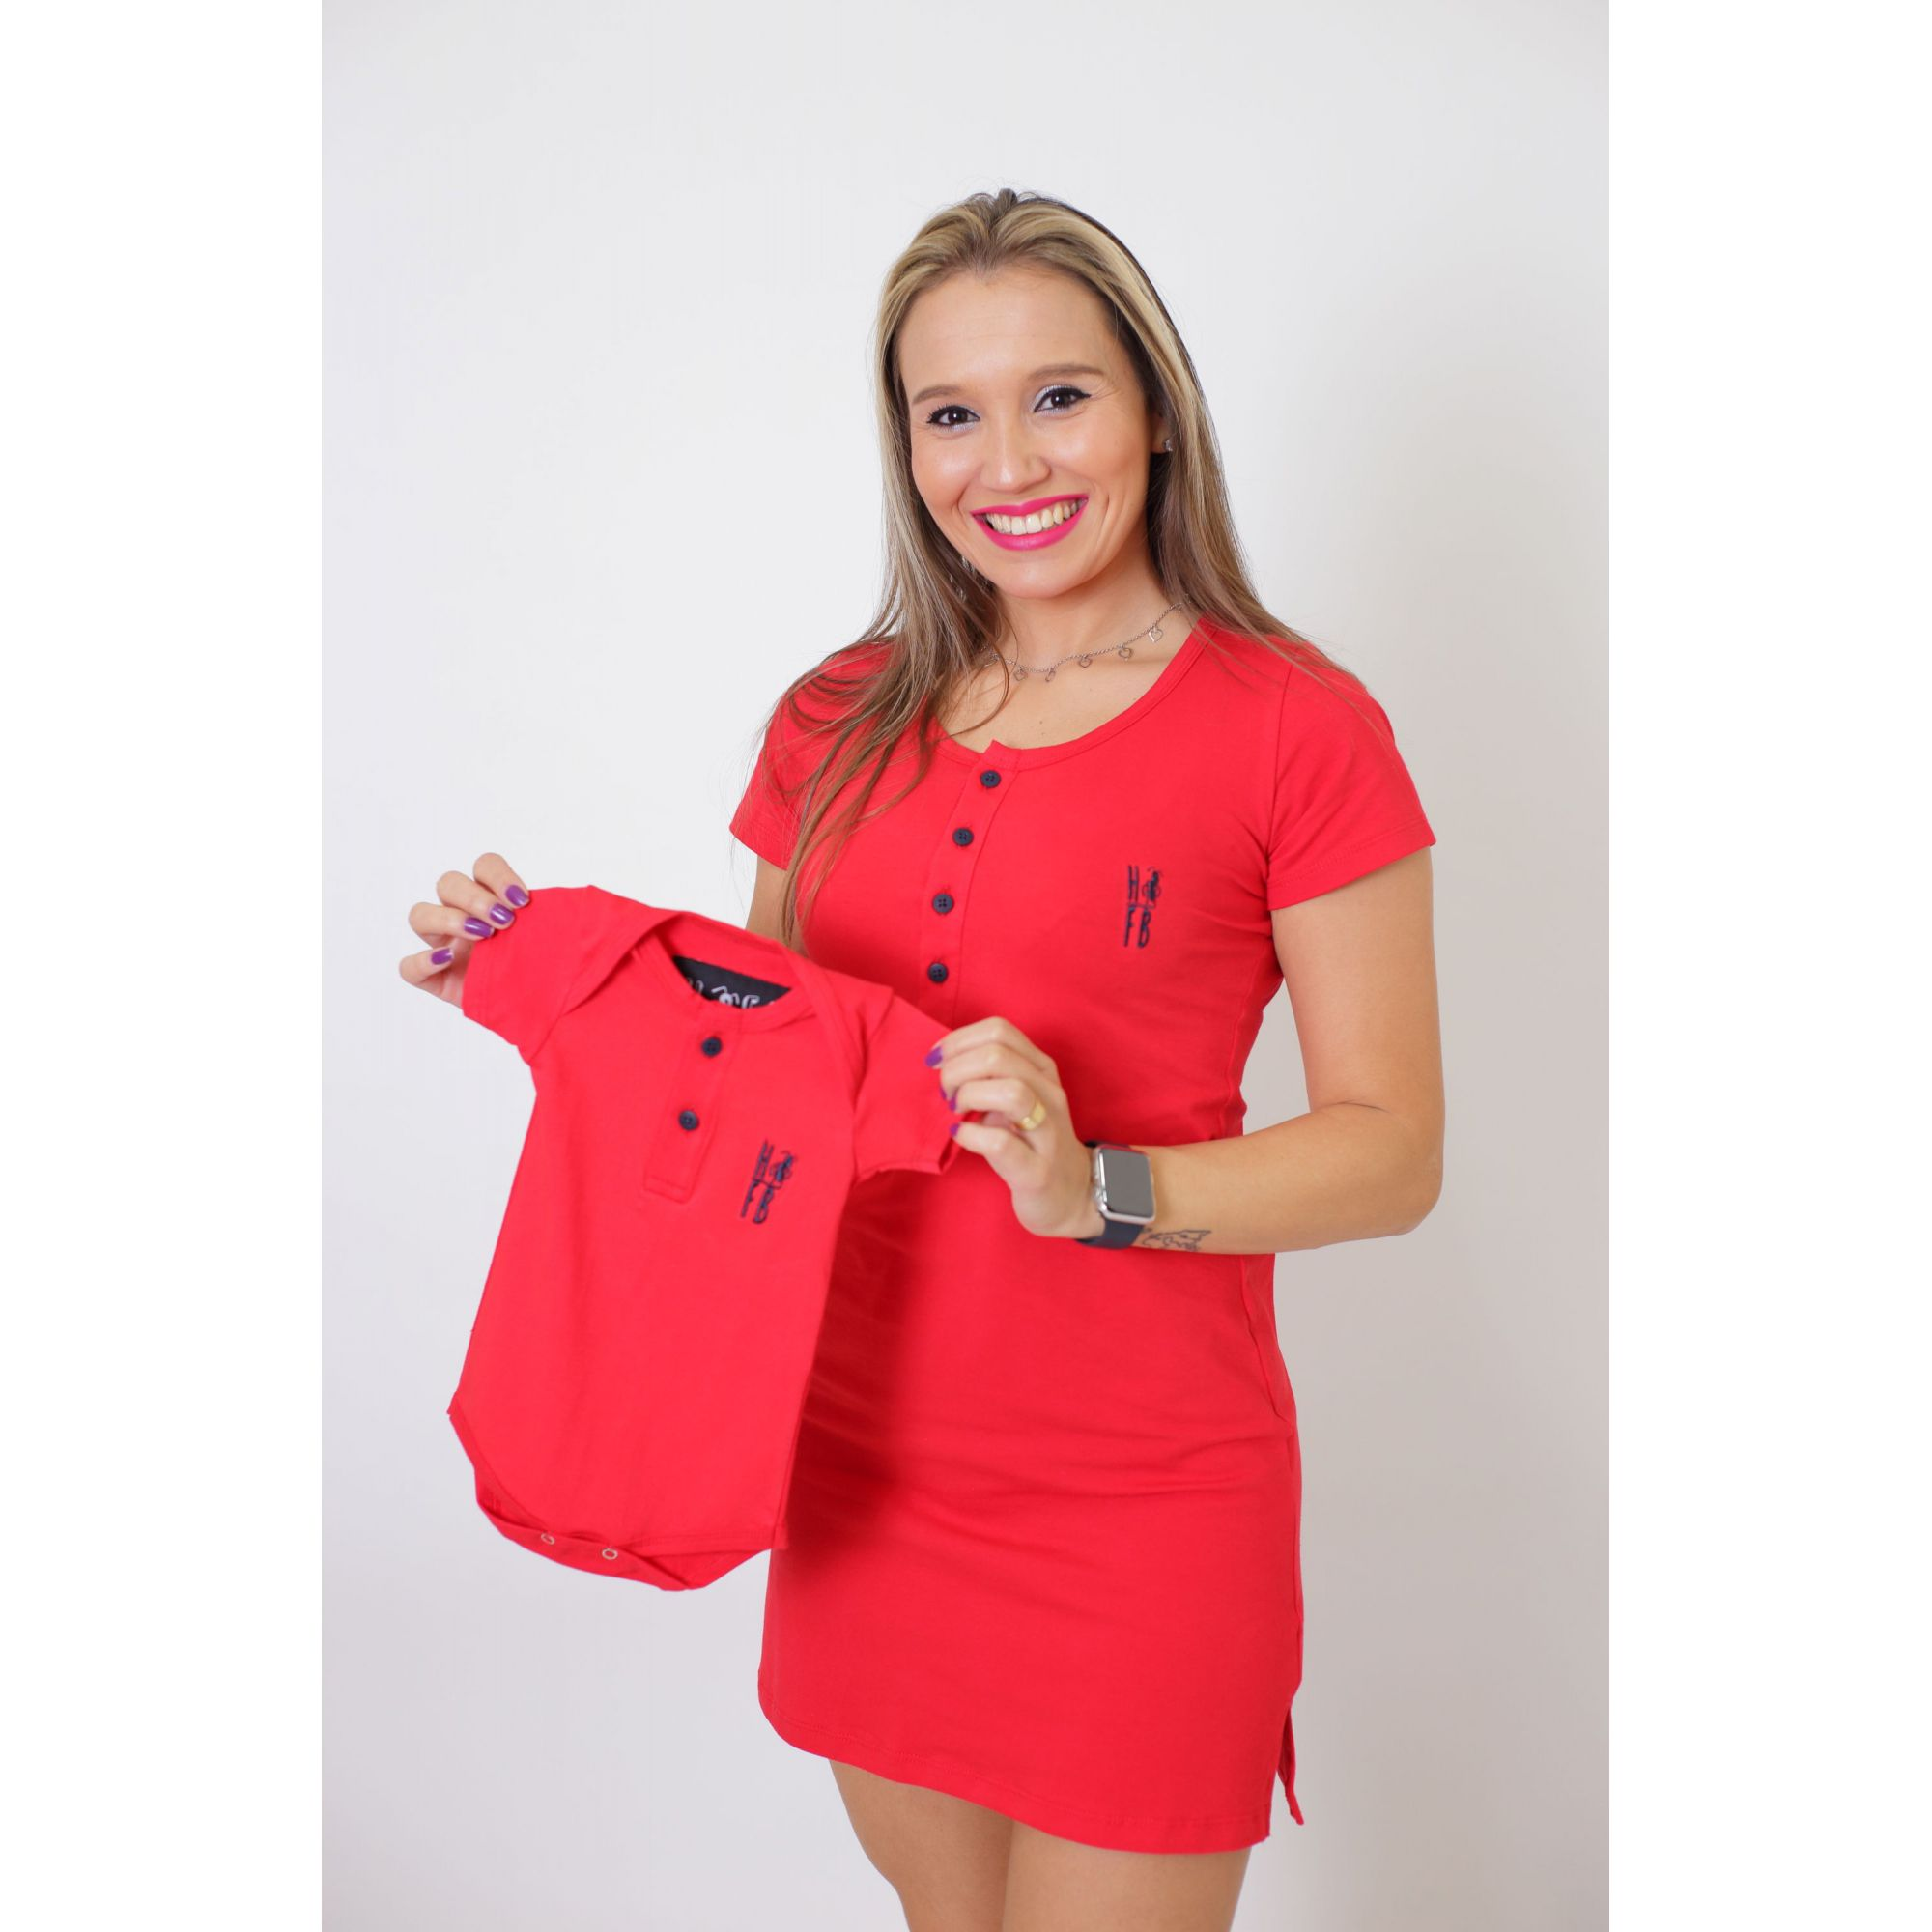 MÃE E FILHO > Kit Vestido + T-shirt Unissex ou Body Infantil - Henley - Vermelho [Coleção Tal Mãe Tal Filho]  - Heitor Fashion Brazil